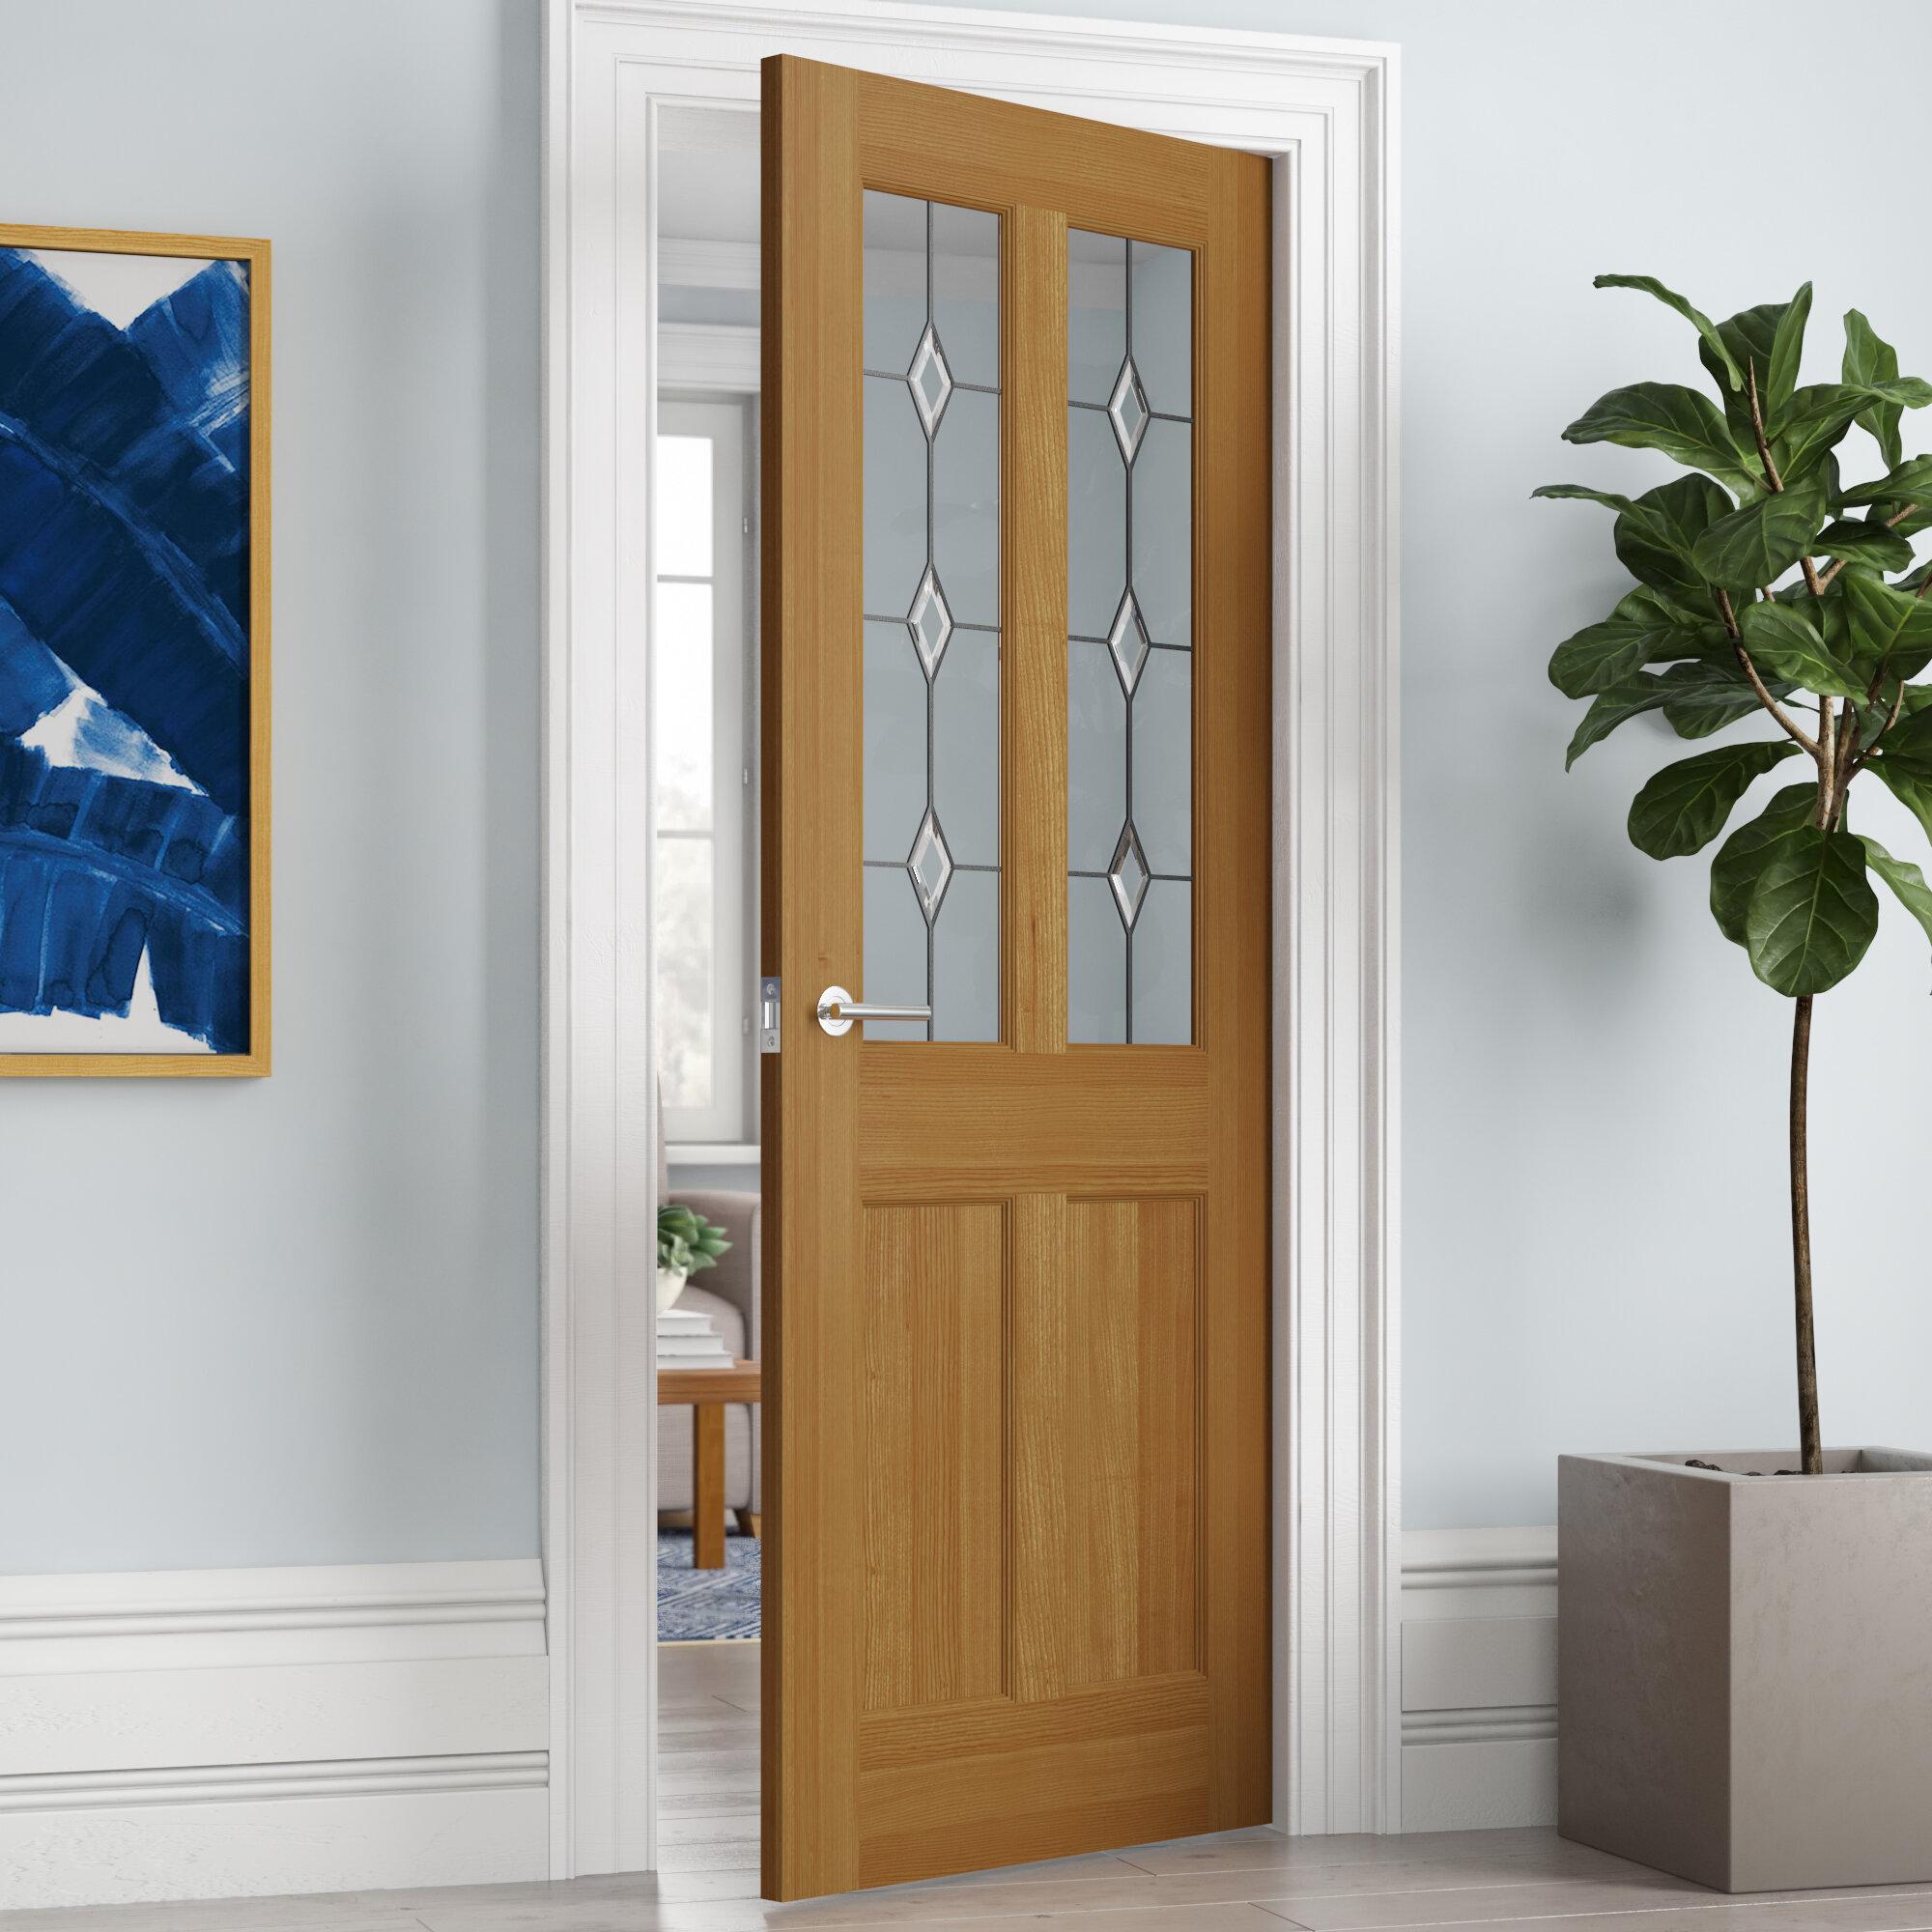 Solid Wood Internal Doors >> Derwent Solid Wood Oak Internal Door Unfinished